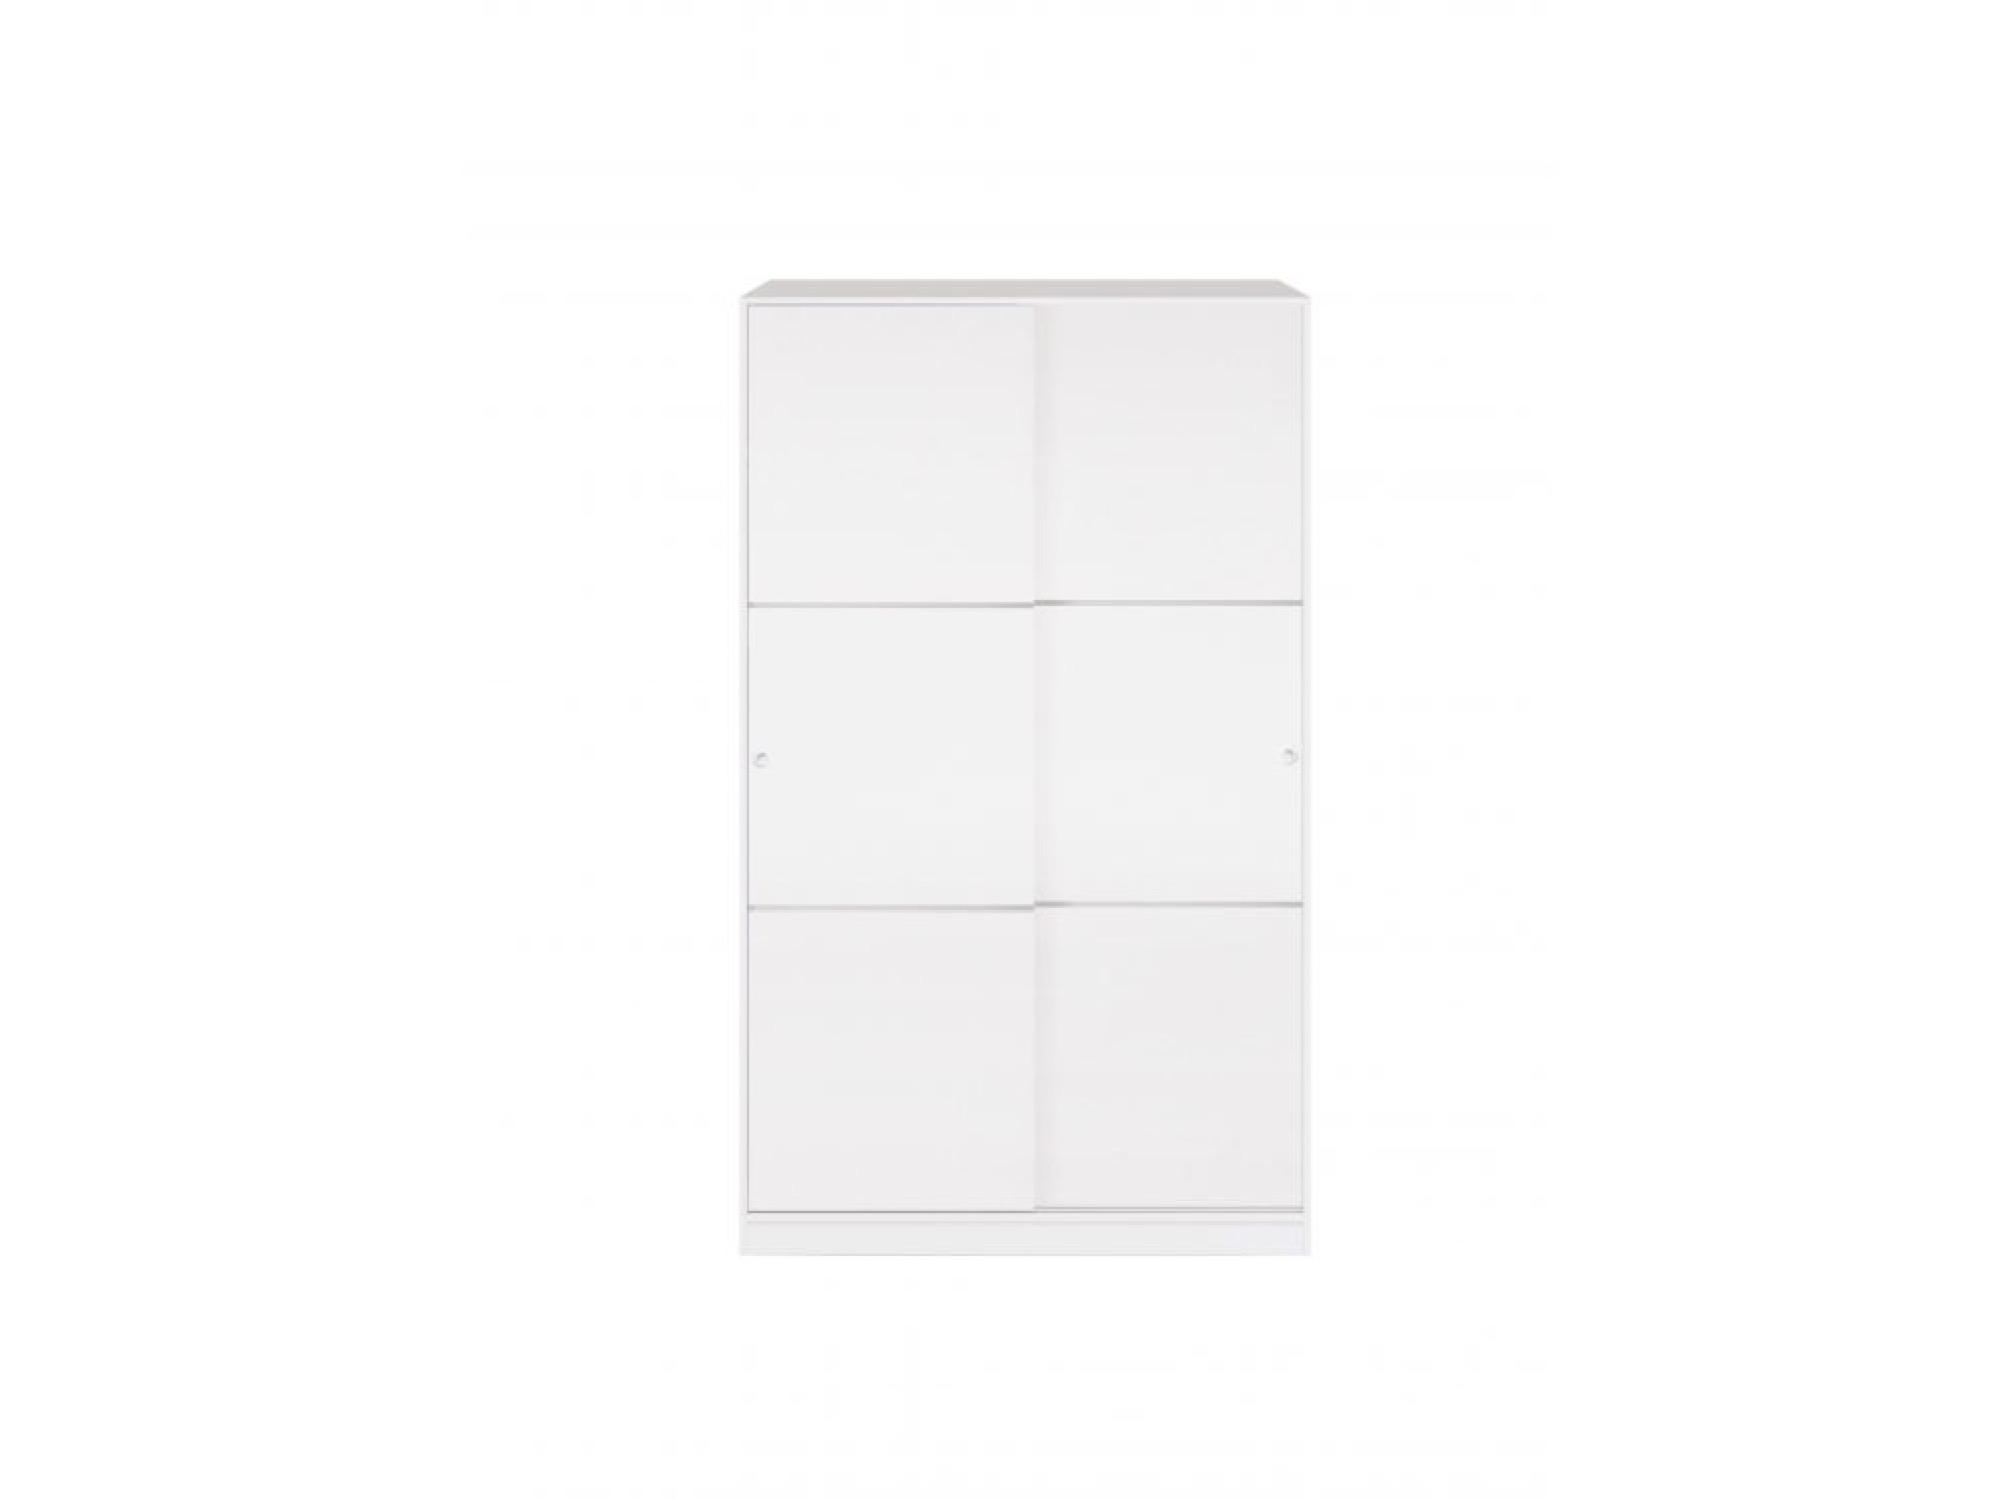 Armoire blanche 2 portes coulissantes L120 x H200cm